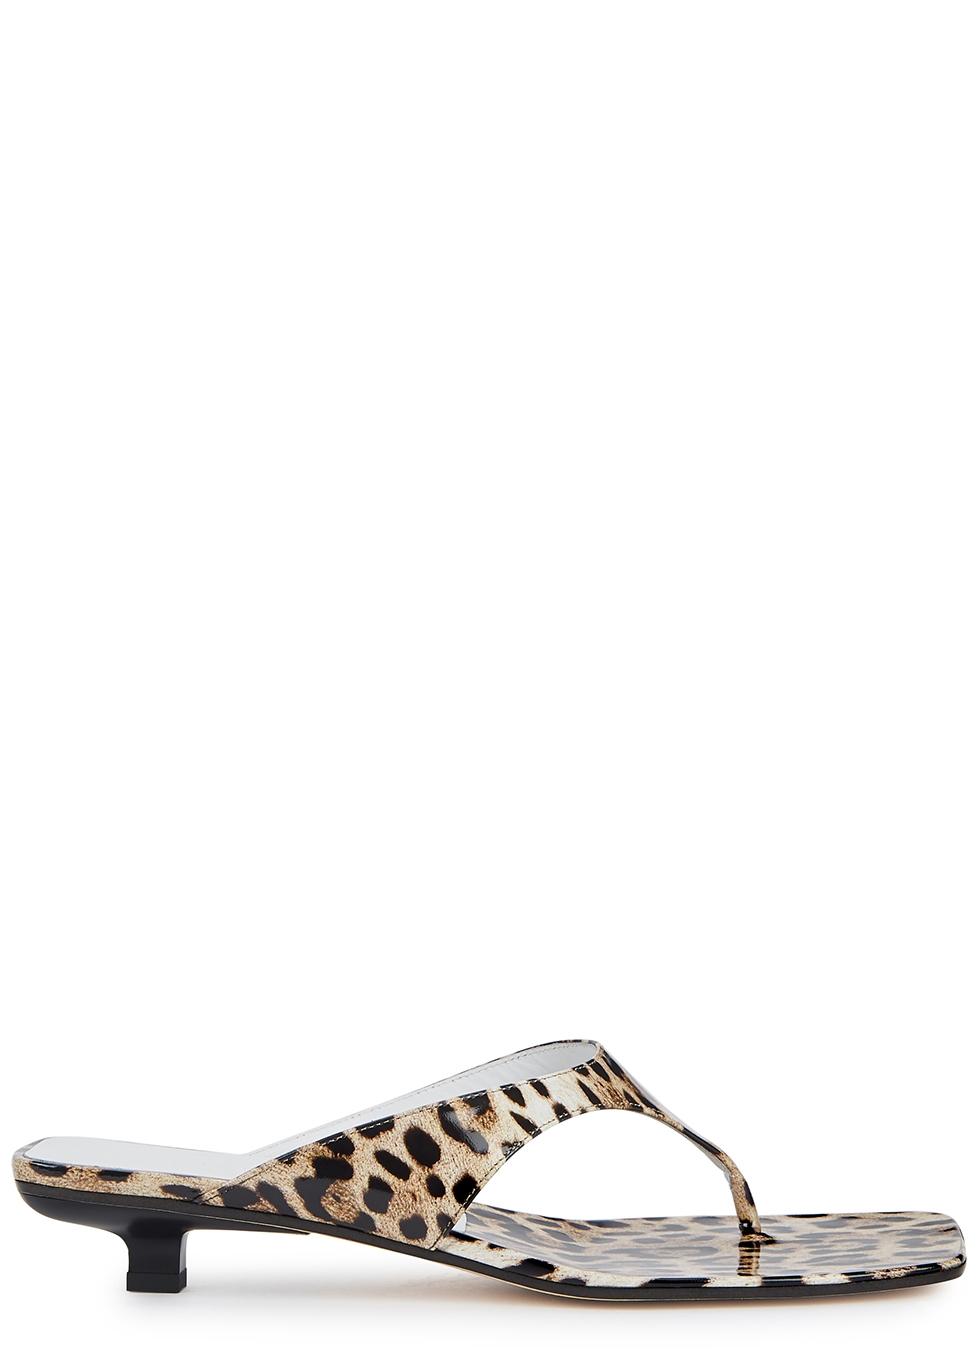 Jack 25 leopard-print patent leather sandals